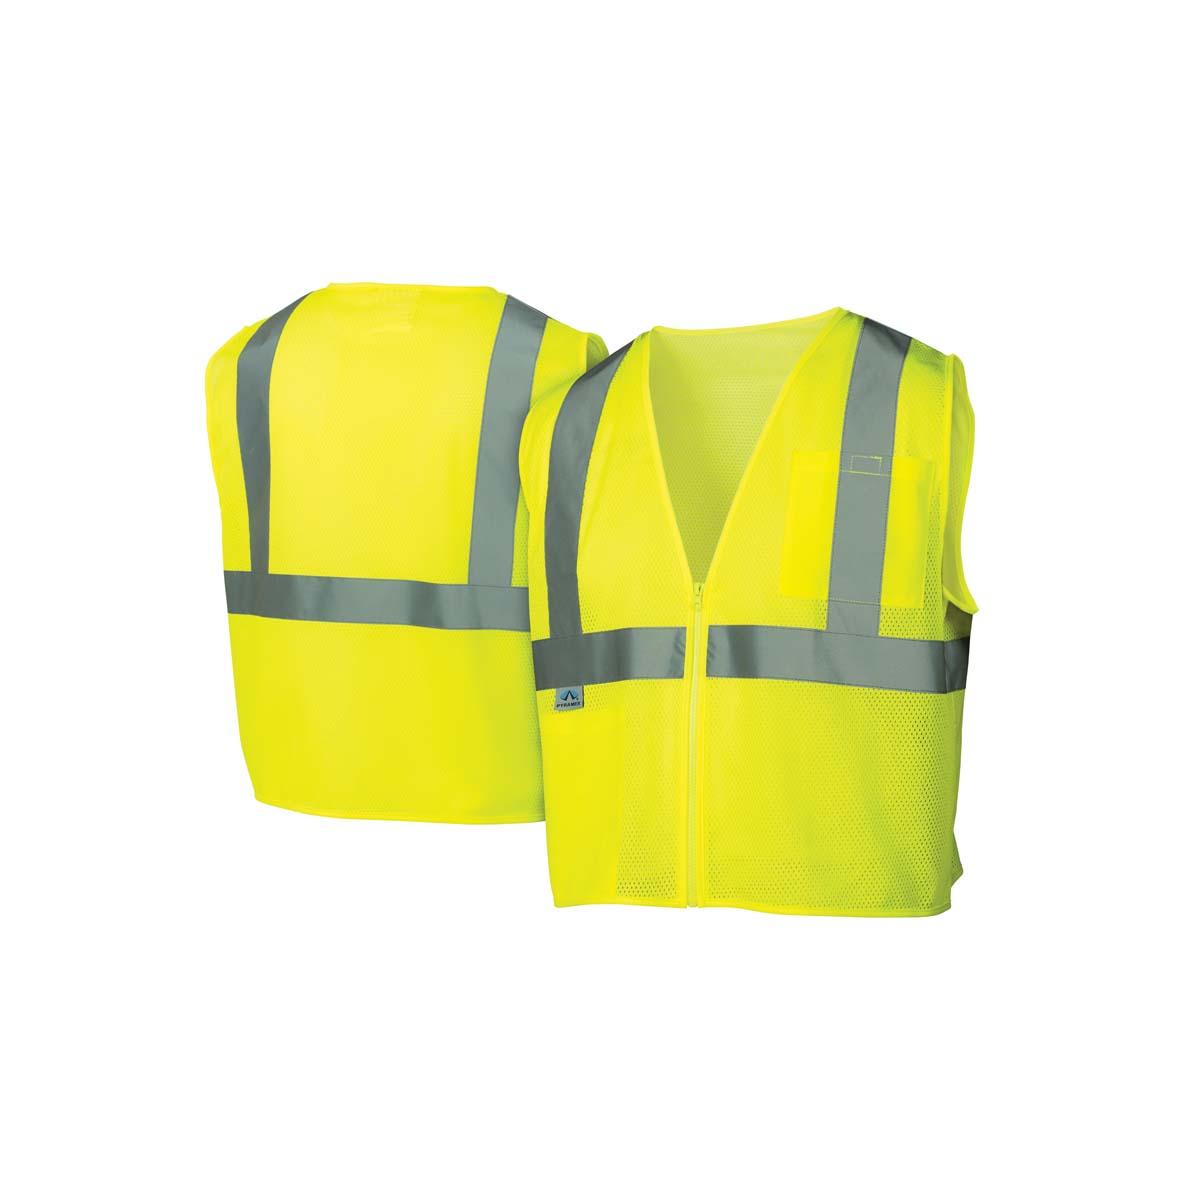 Hi-Vis Lime - Size 4X Large